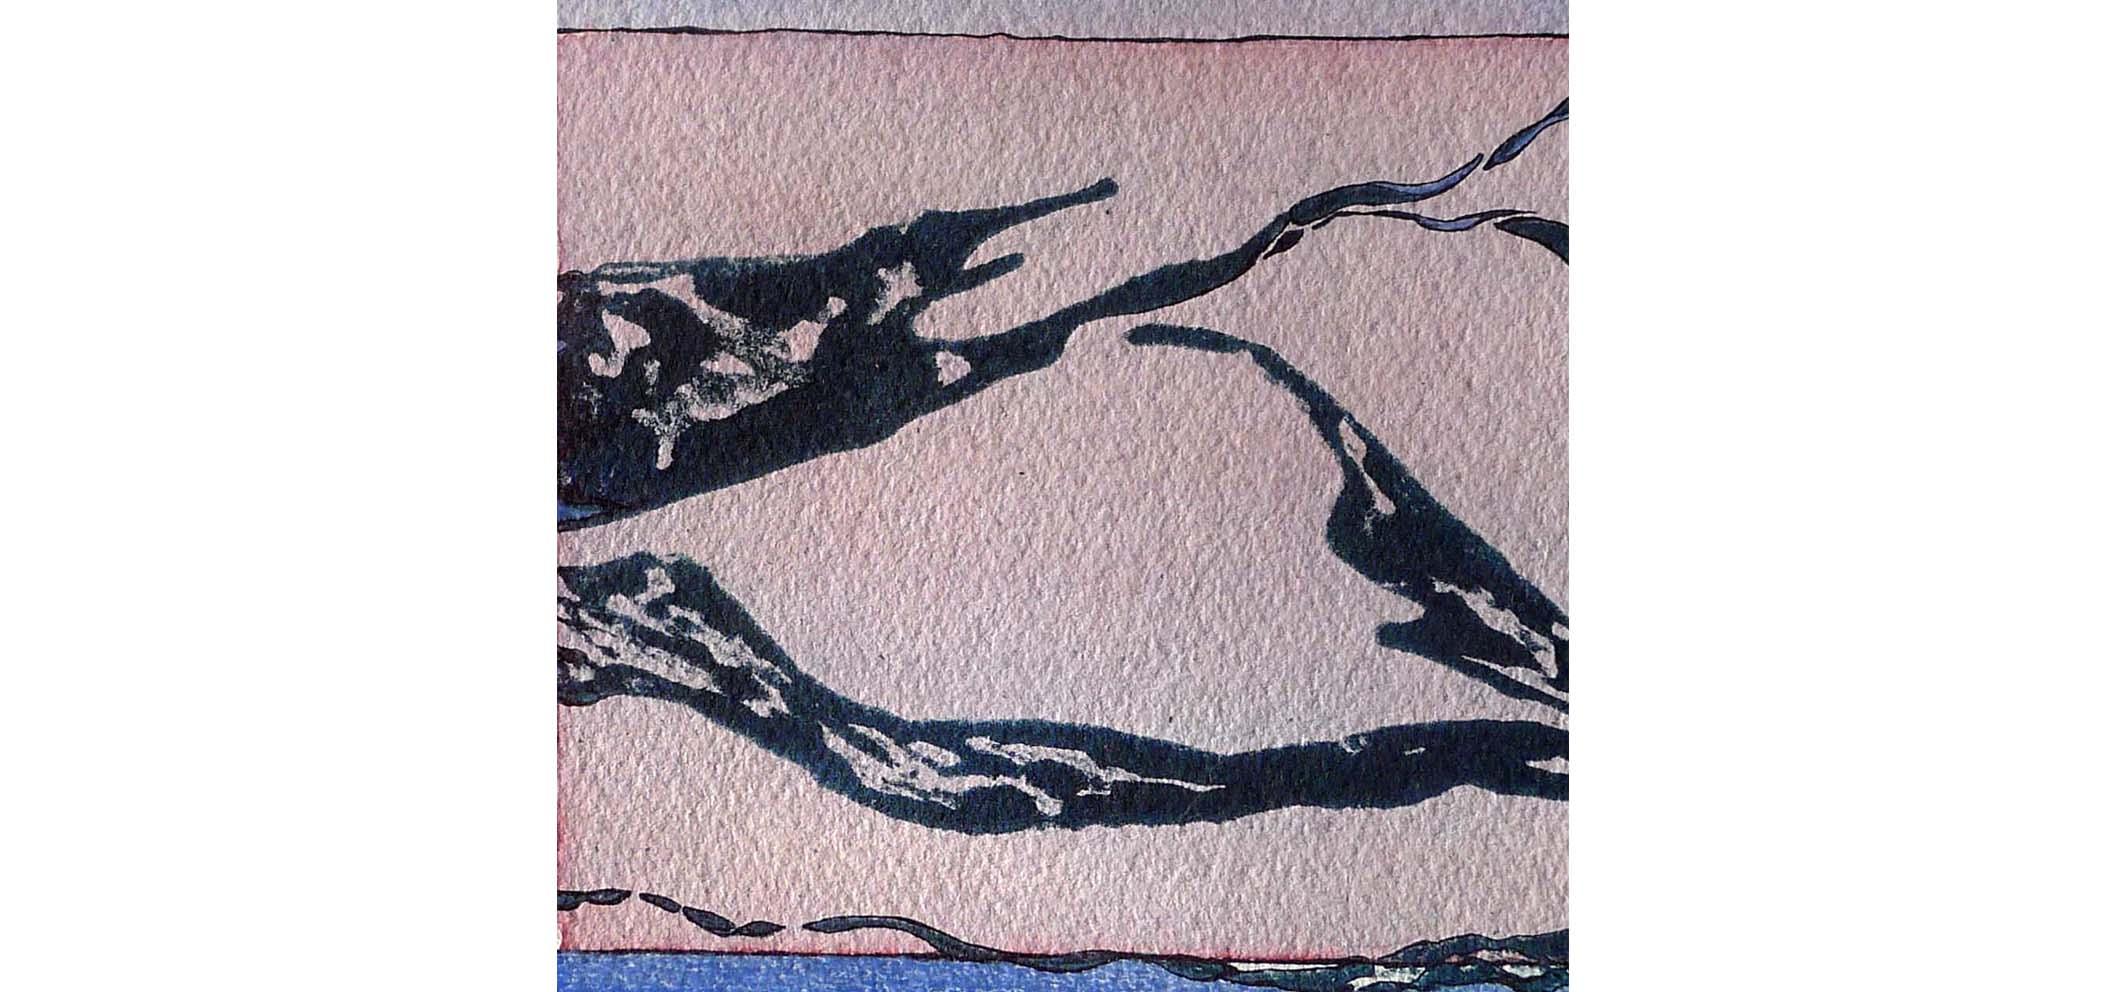 Golven I, 2013 (carborundumdruk, aquarel) 16cm x 16cm